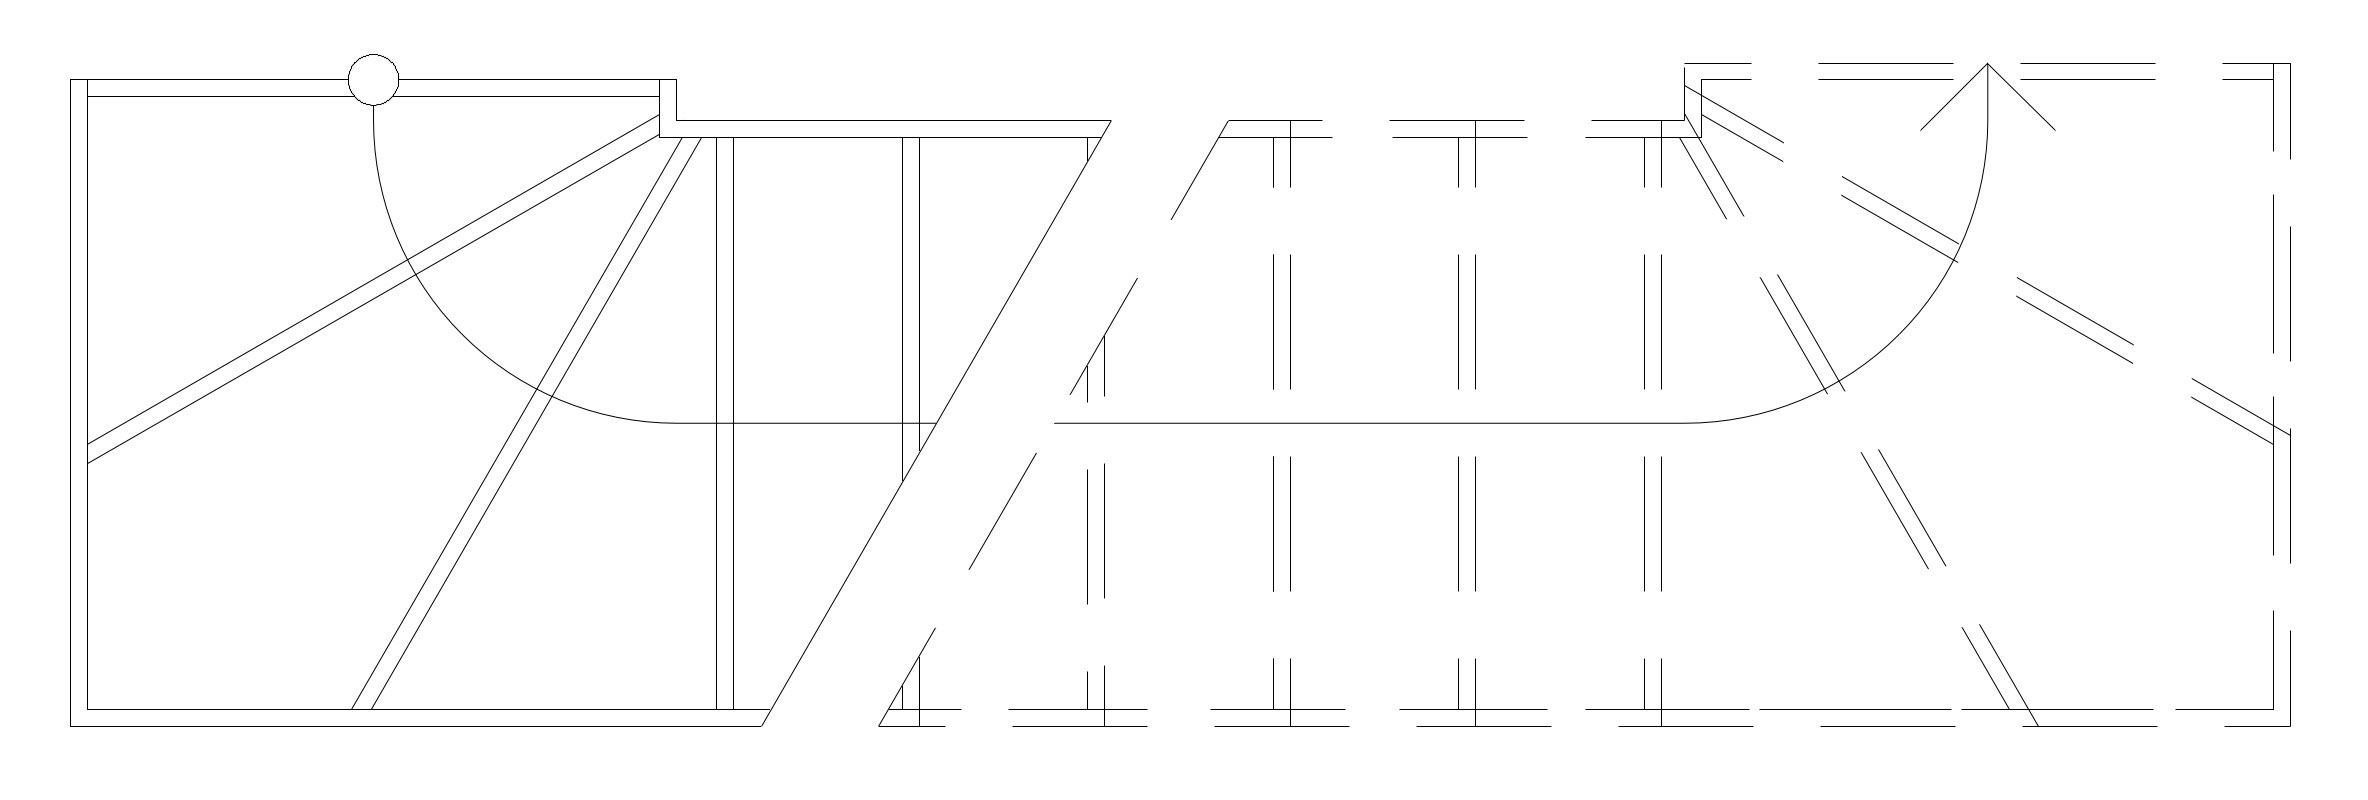 stair.jpg.dd784a836600a7c6d9901776a98b0cb7.jpg